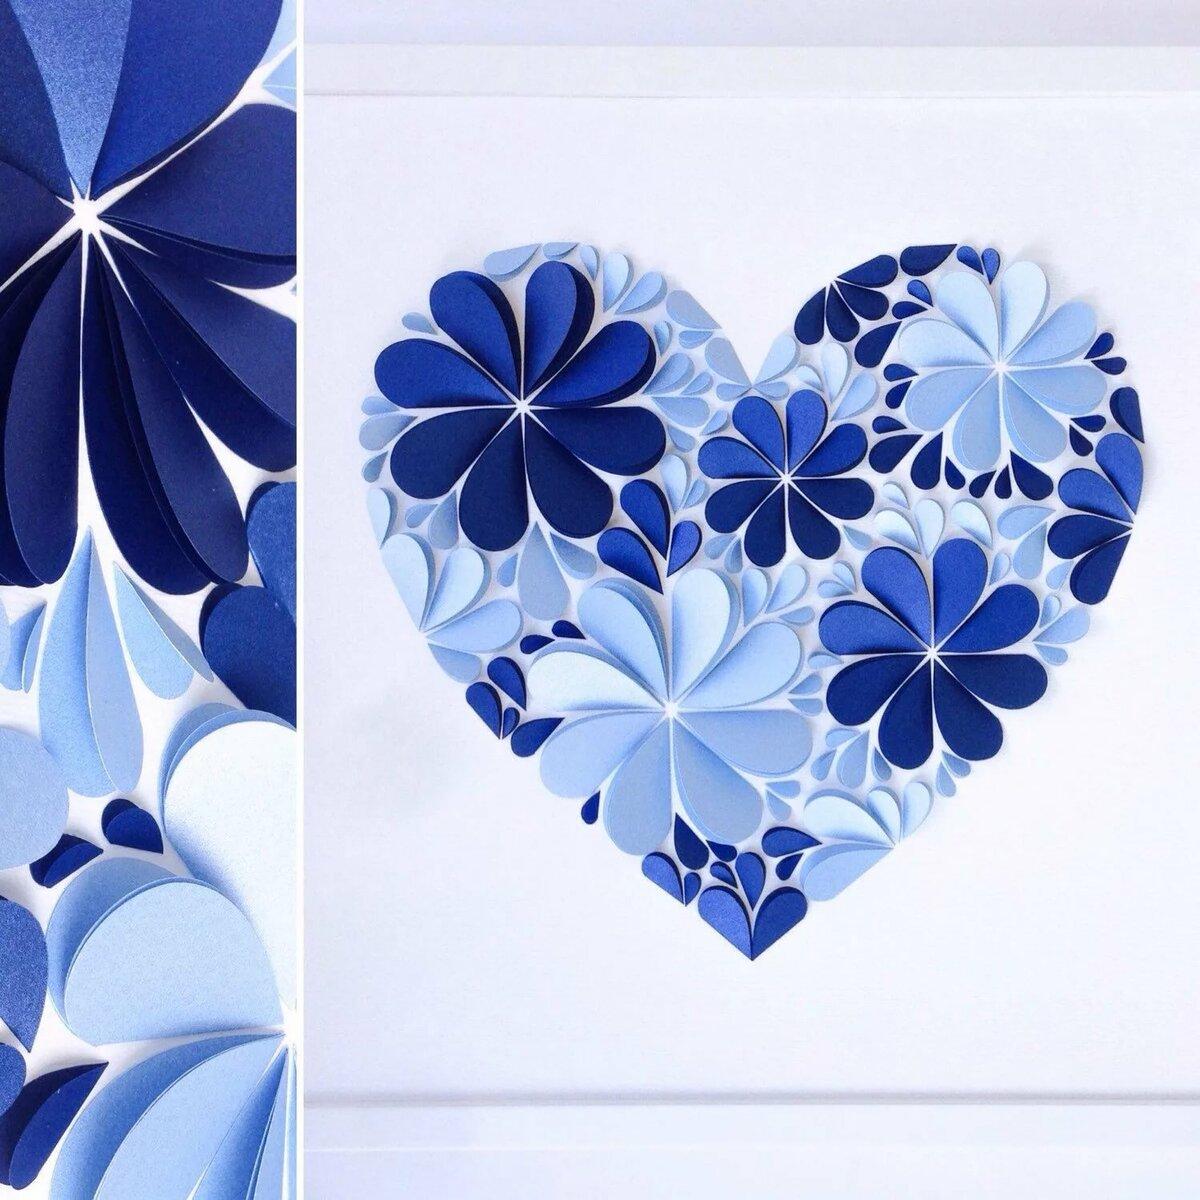 задания открытка сердечко с цветами из бумаги своими руками приготовить сочный